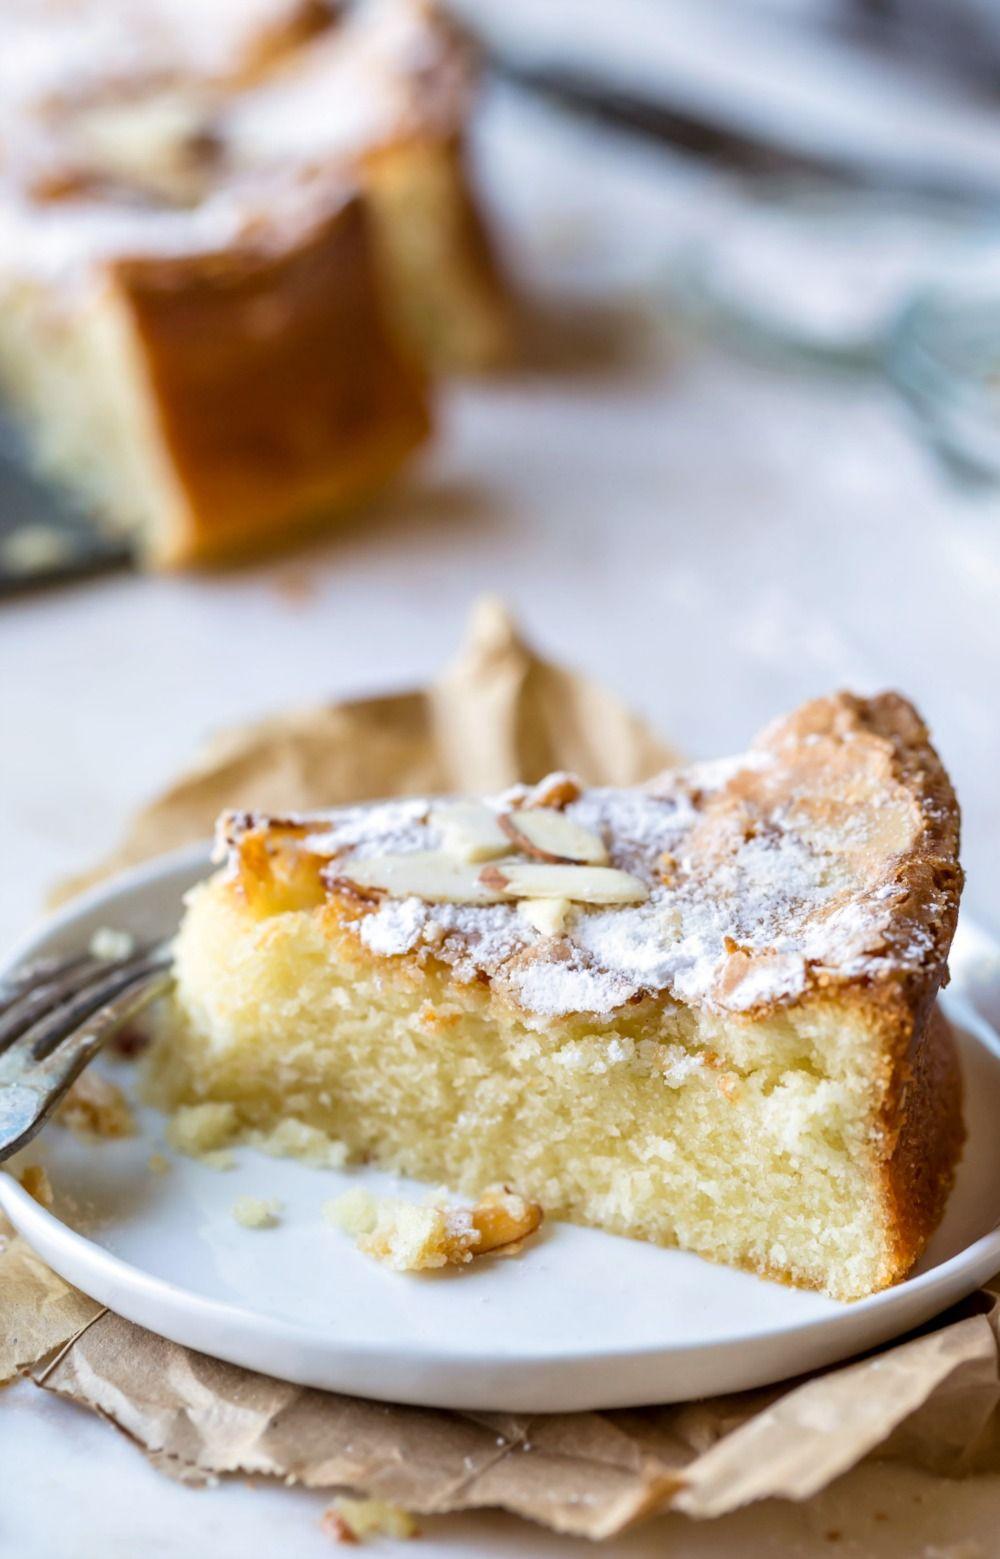 Olive Oil Cake - I Heart Eating